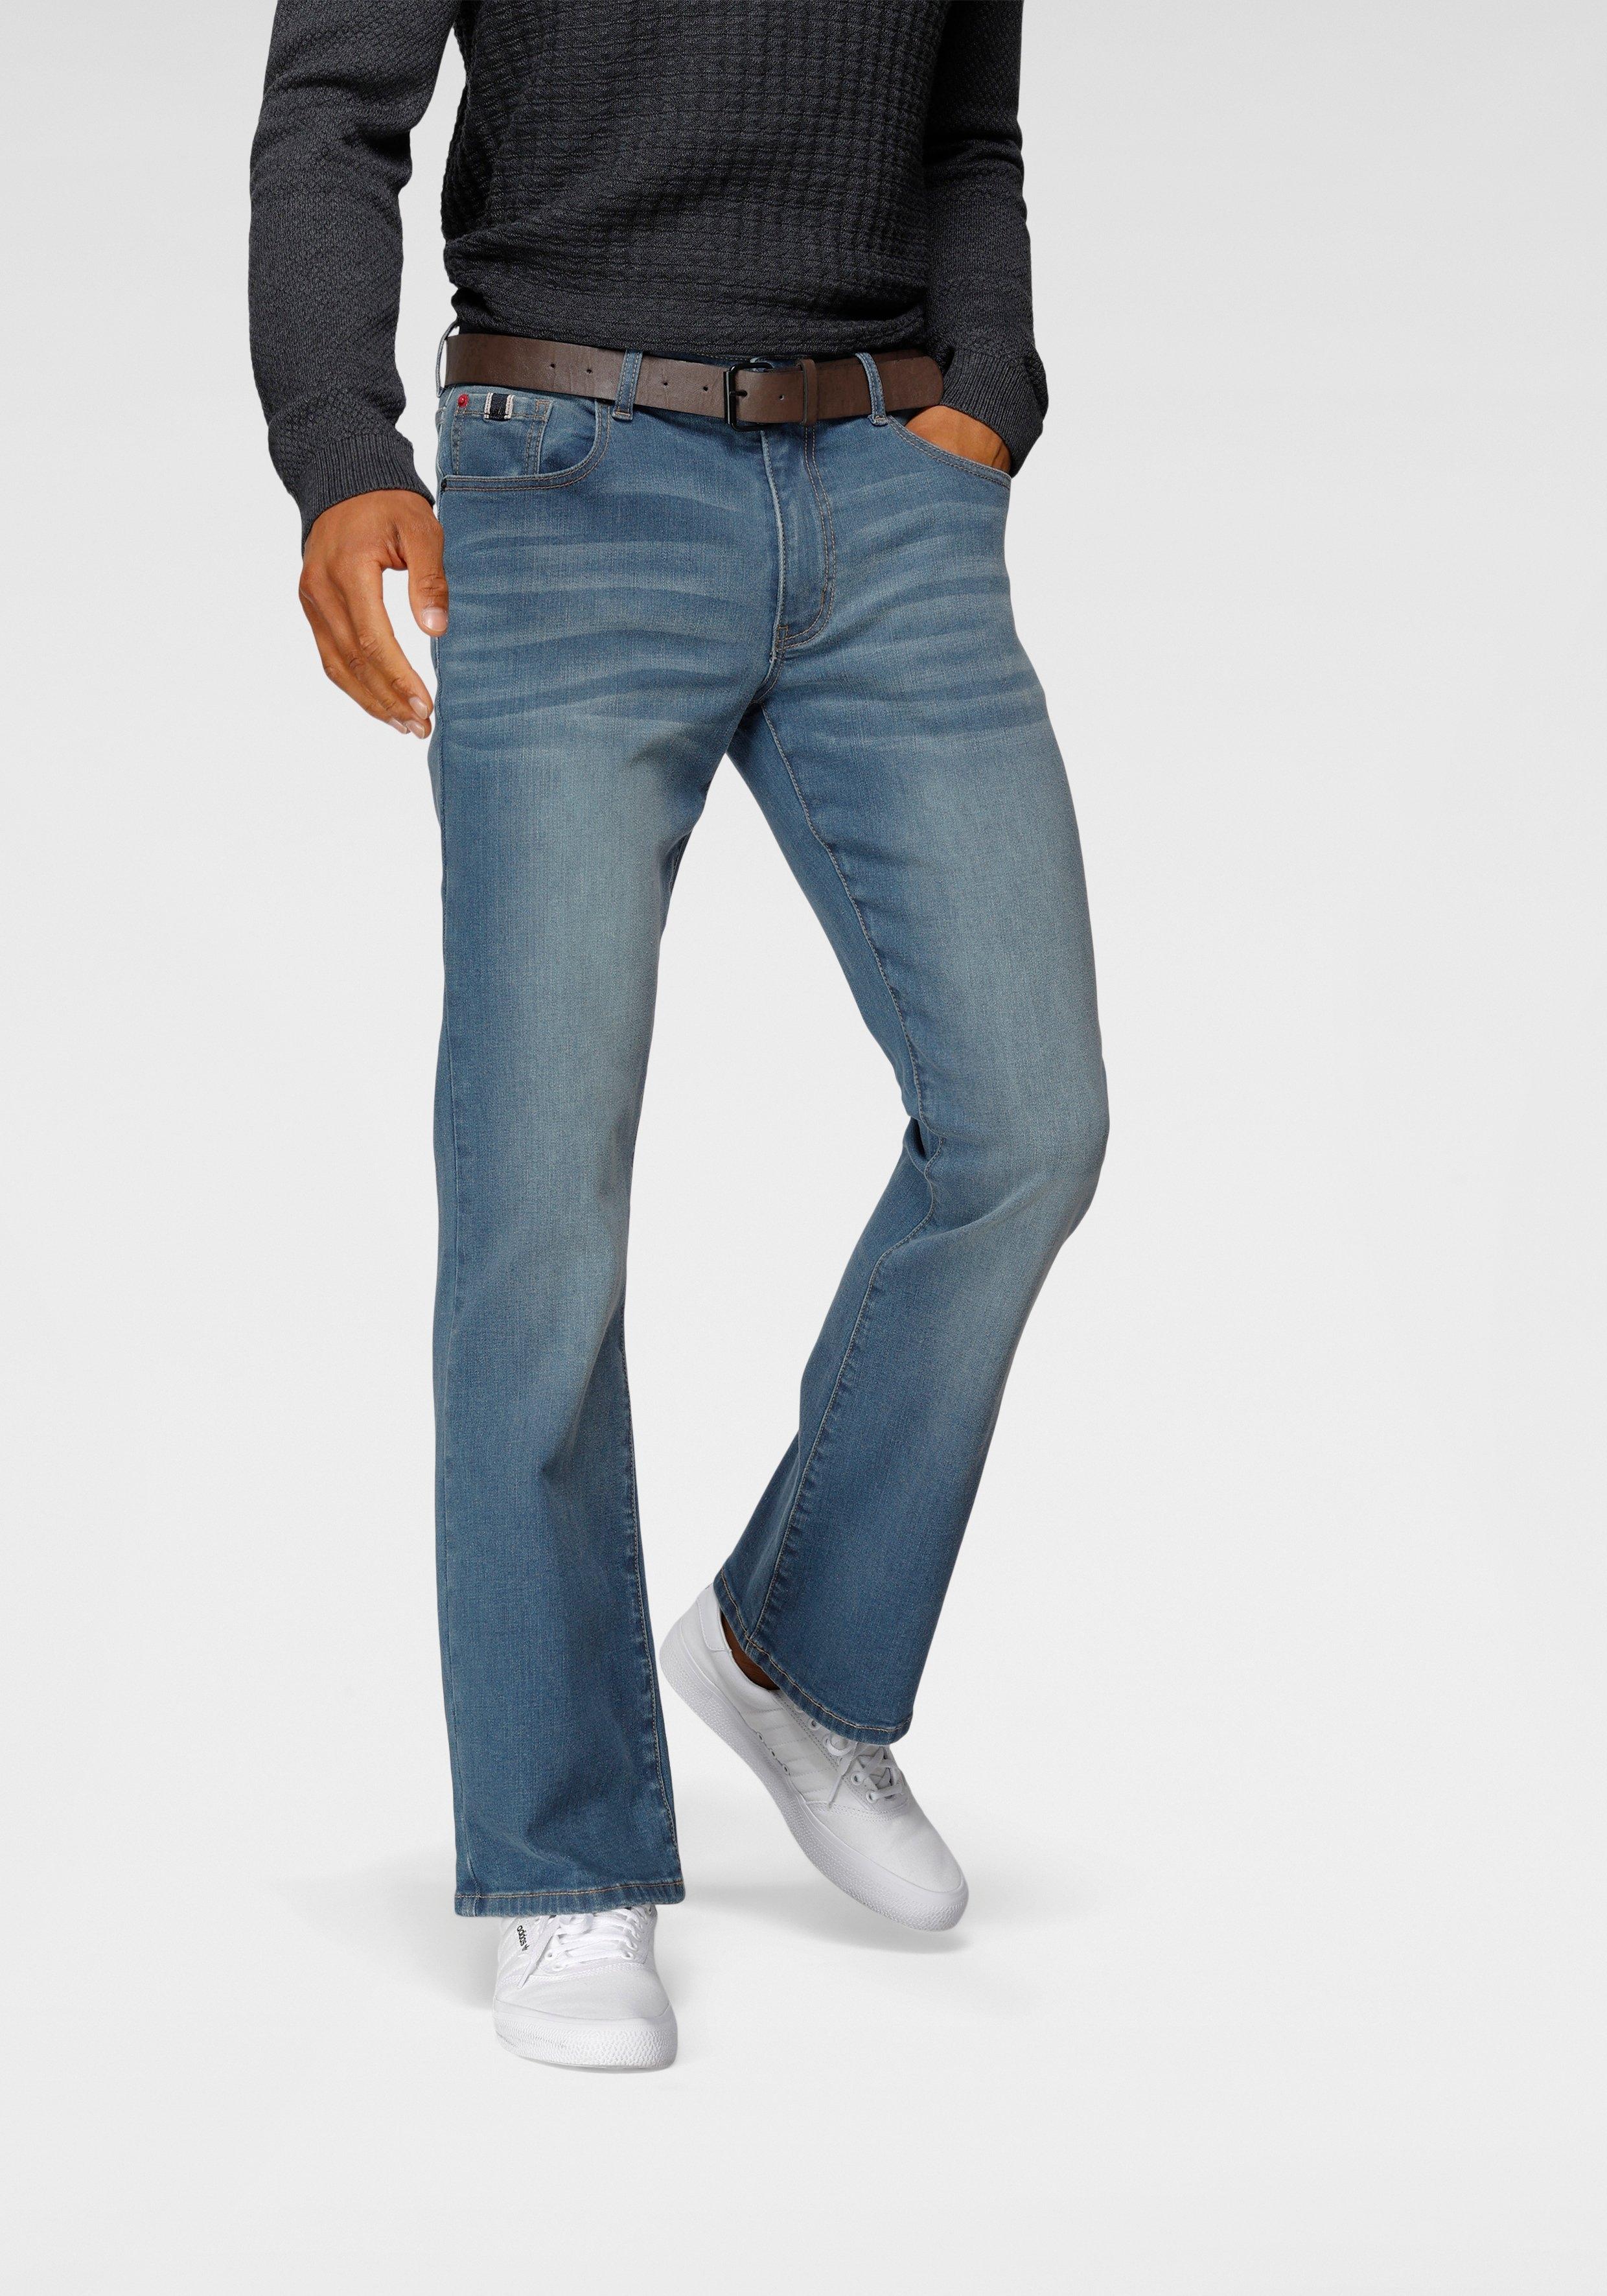 H.I.S Bootcut jeans BOOTH Duurzame, waterbesparende productie door OZON WASH (set, Met een afneembare riem) - gratis ruilen op otto.nl